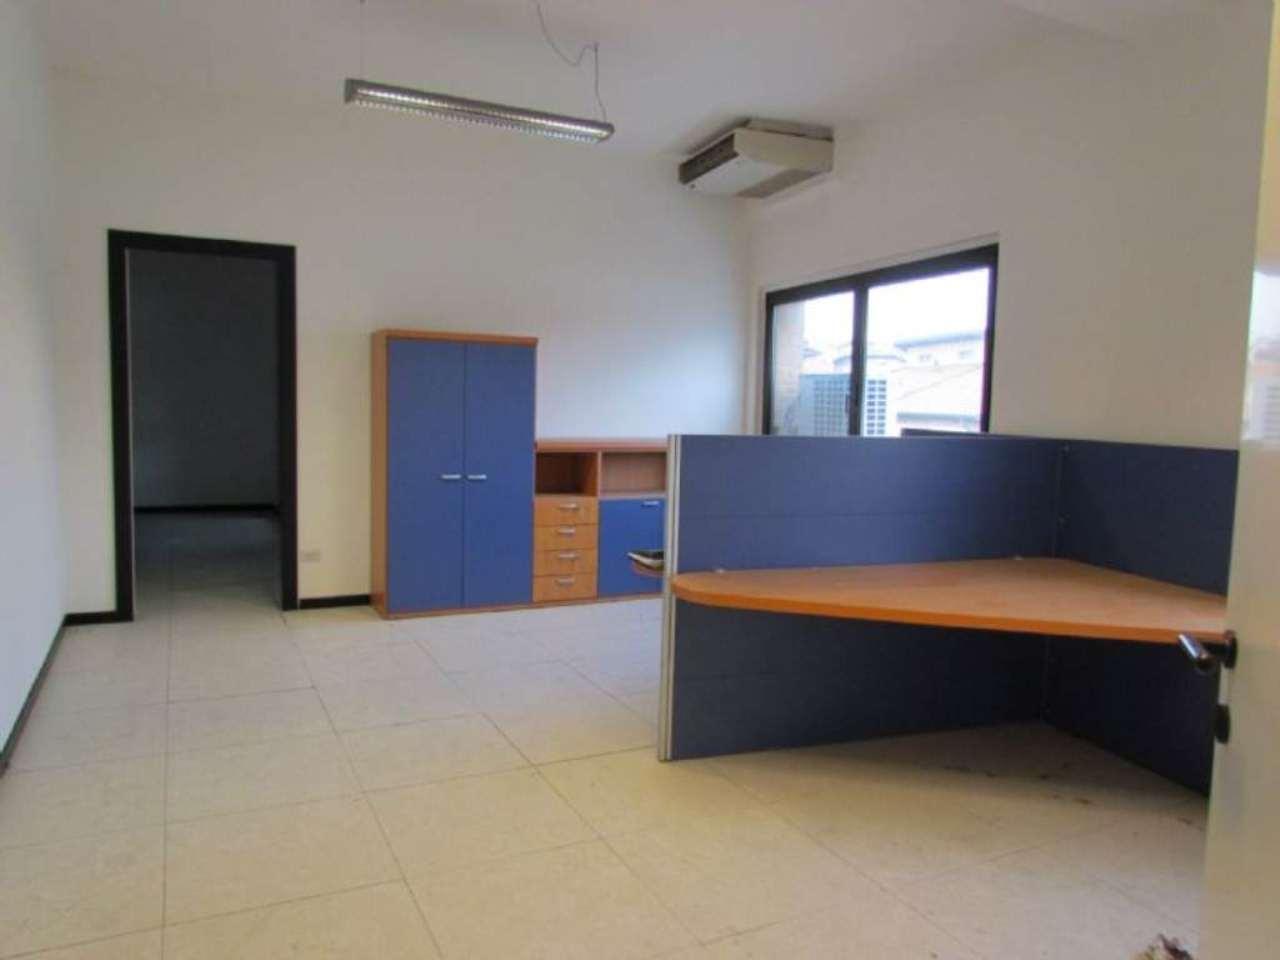 Ufficio / Studio in vendita a Castiglione Olona, 3 locali, prezzo € 125.000 | Cambio Casa.it